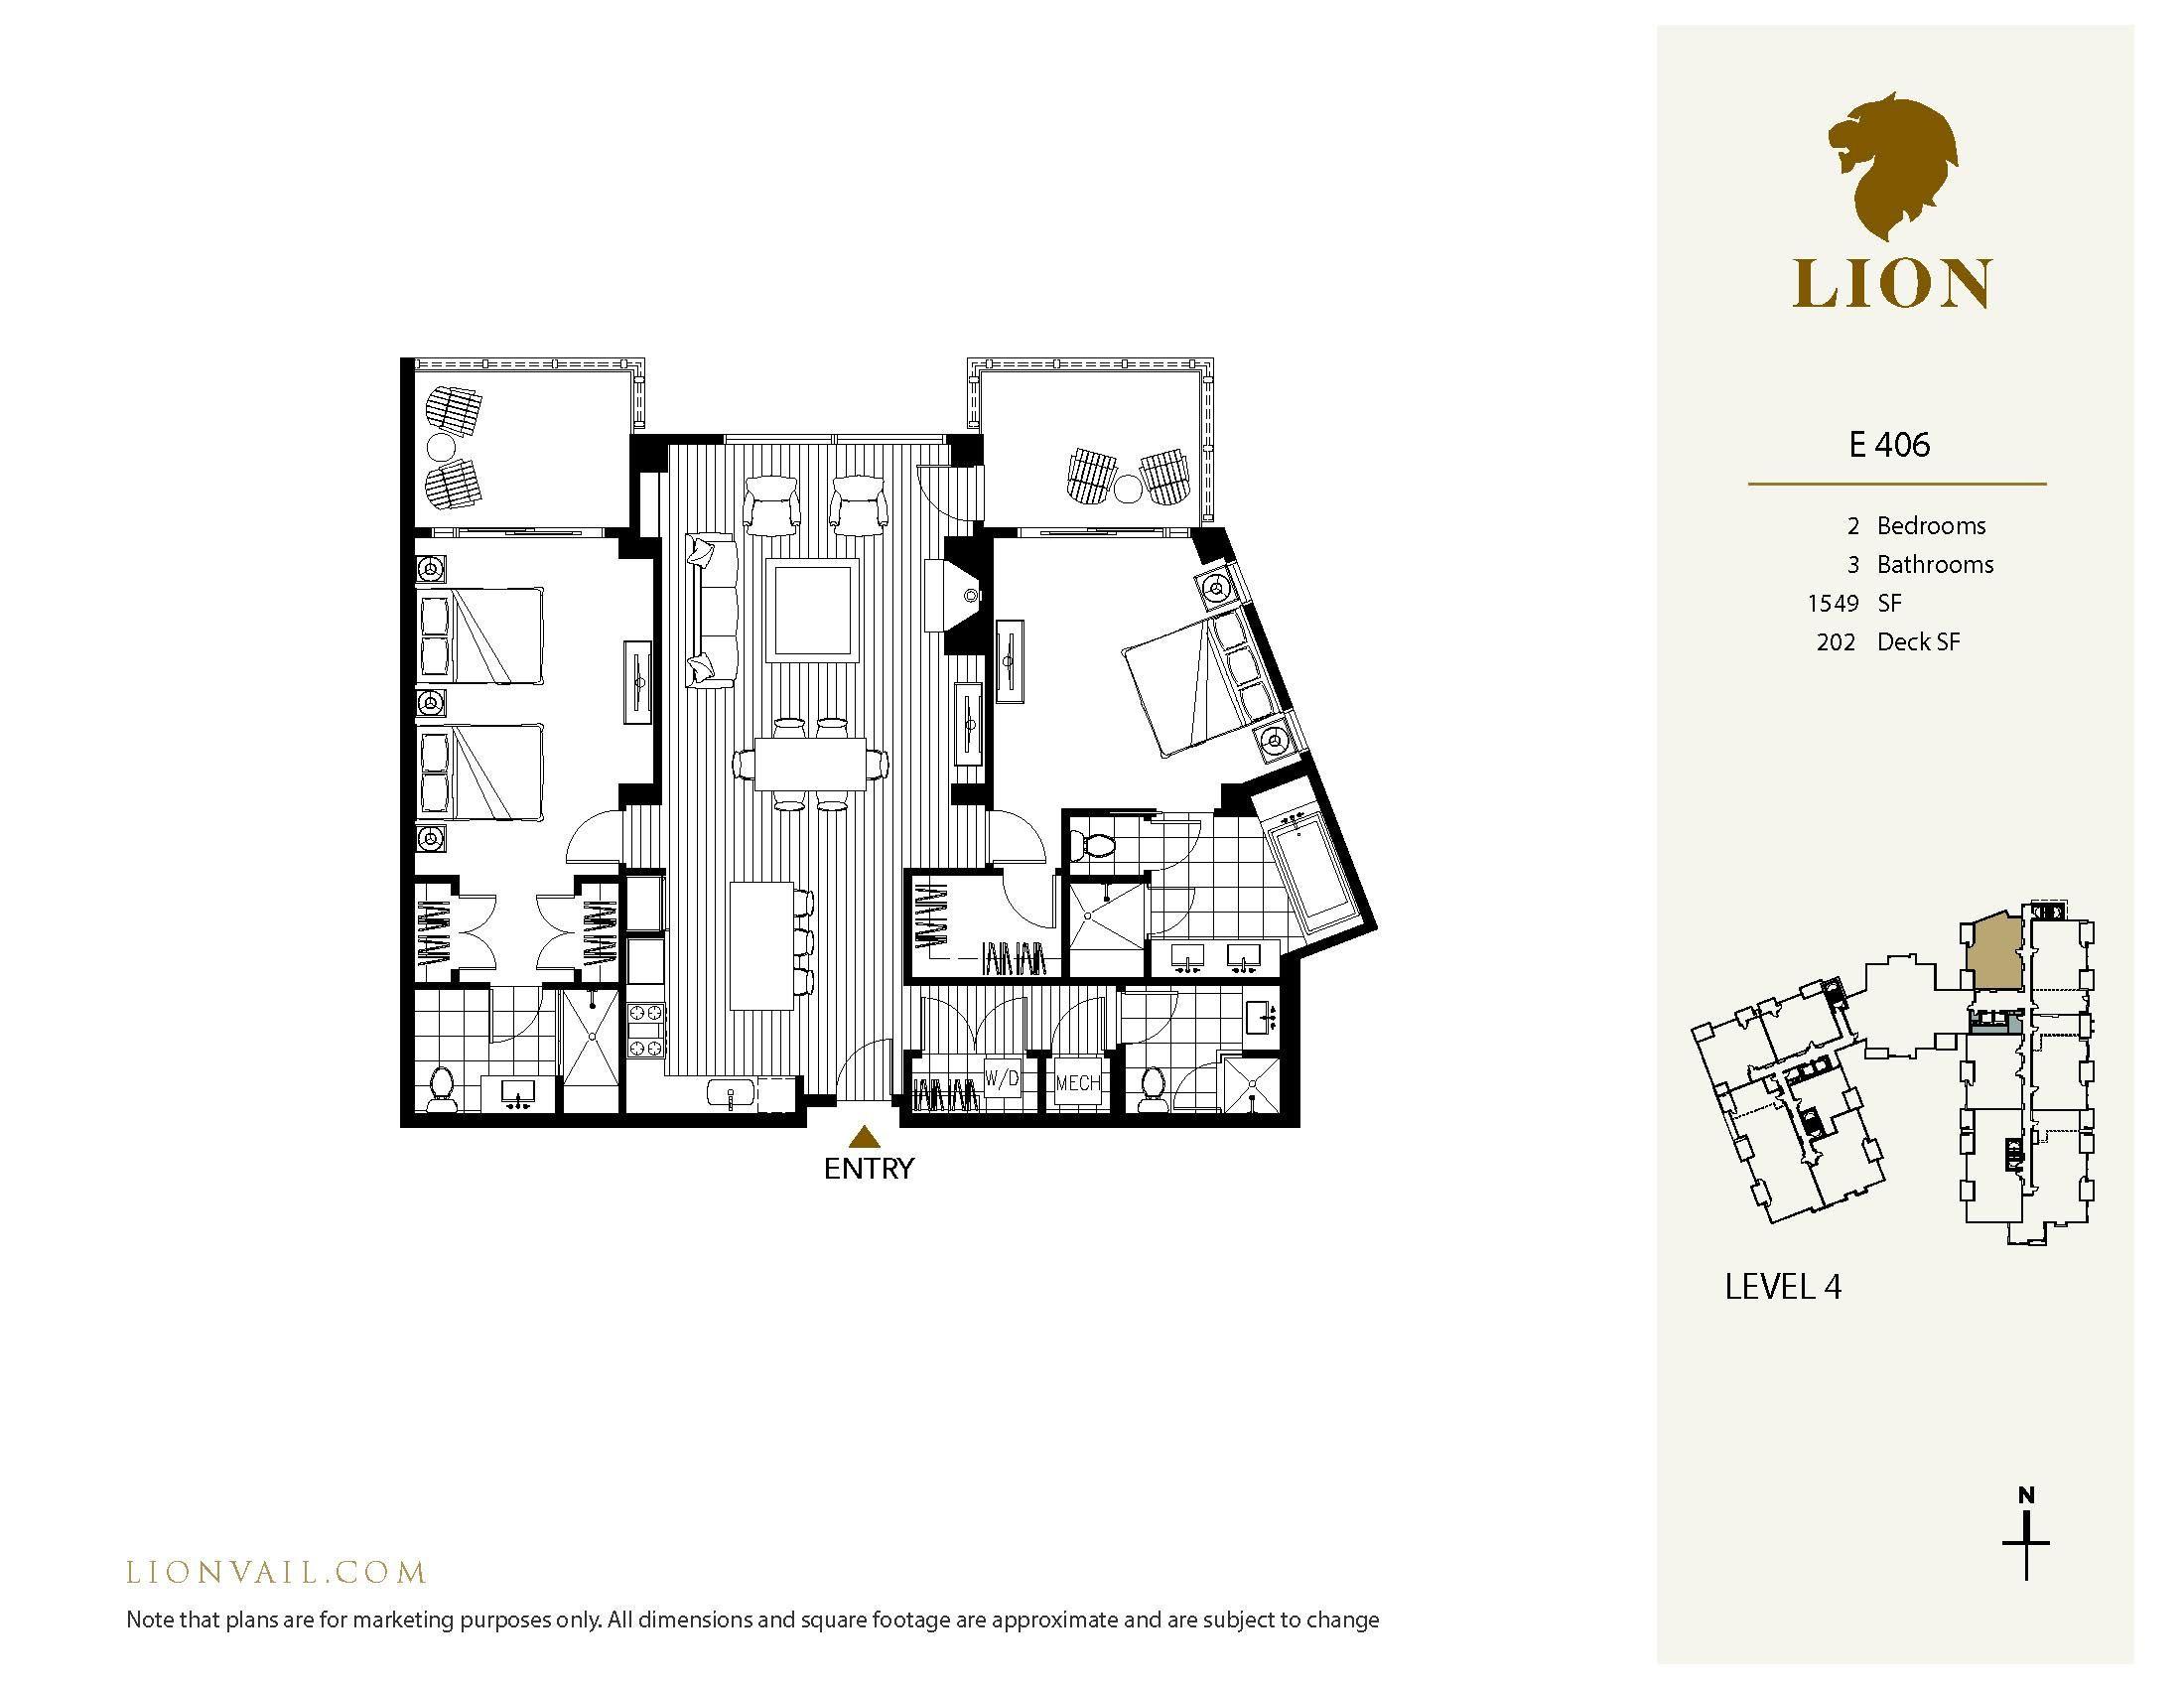 701 W Lionshead Circle West E406 Vail, CO 81657